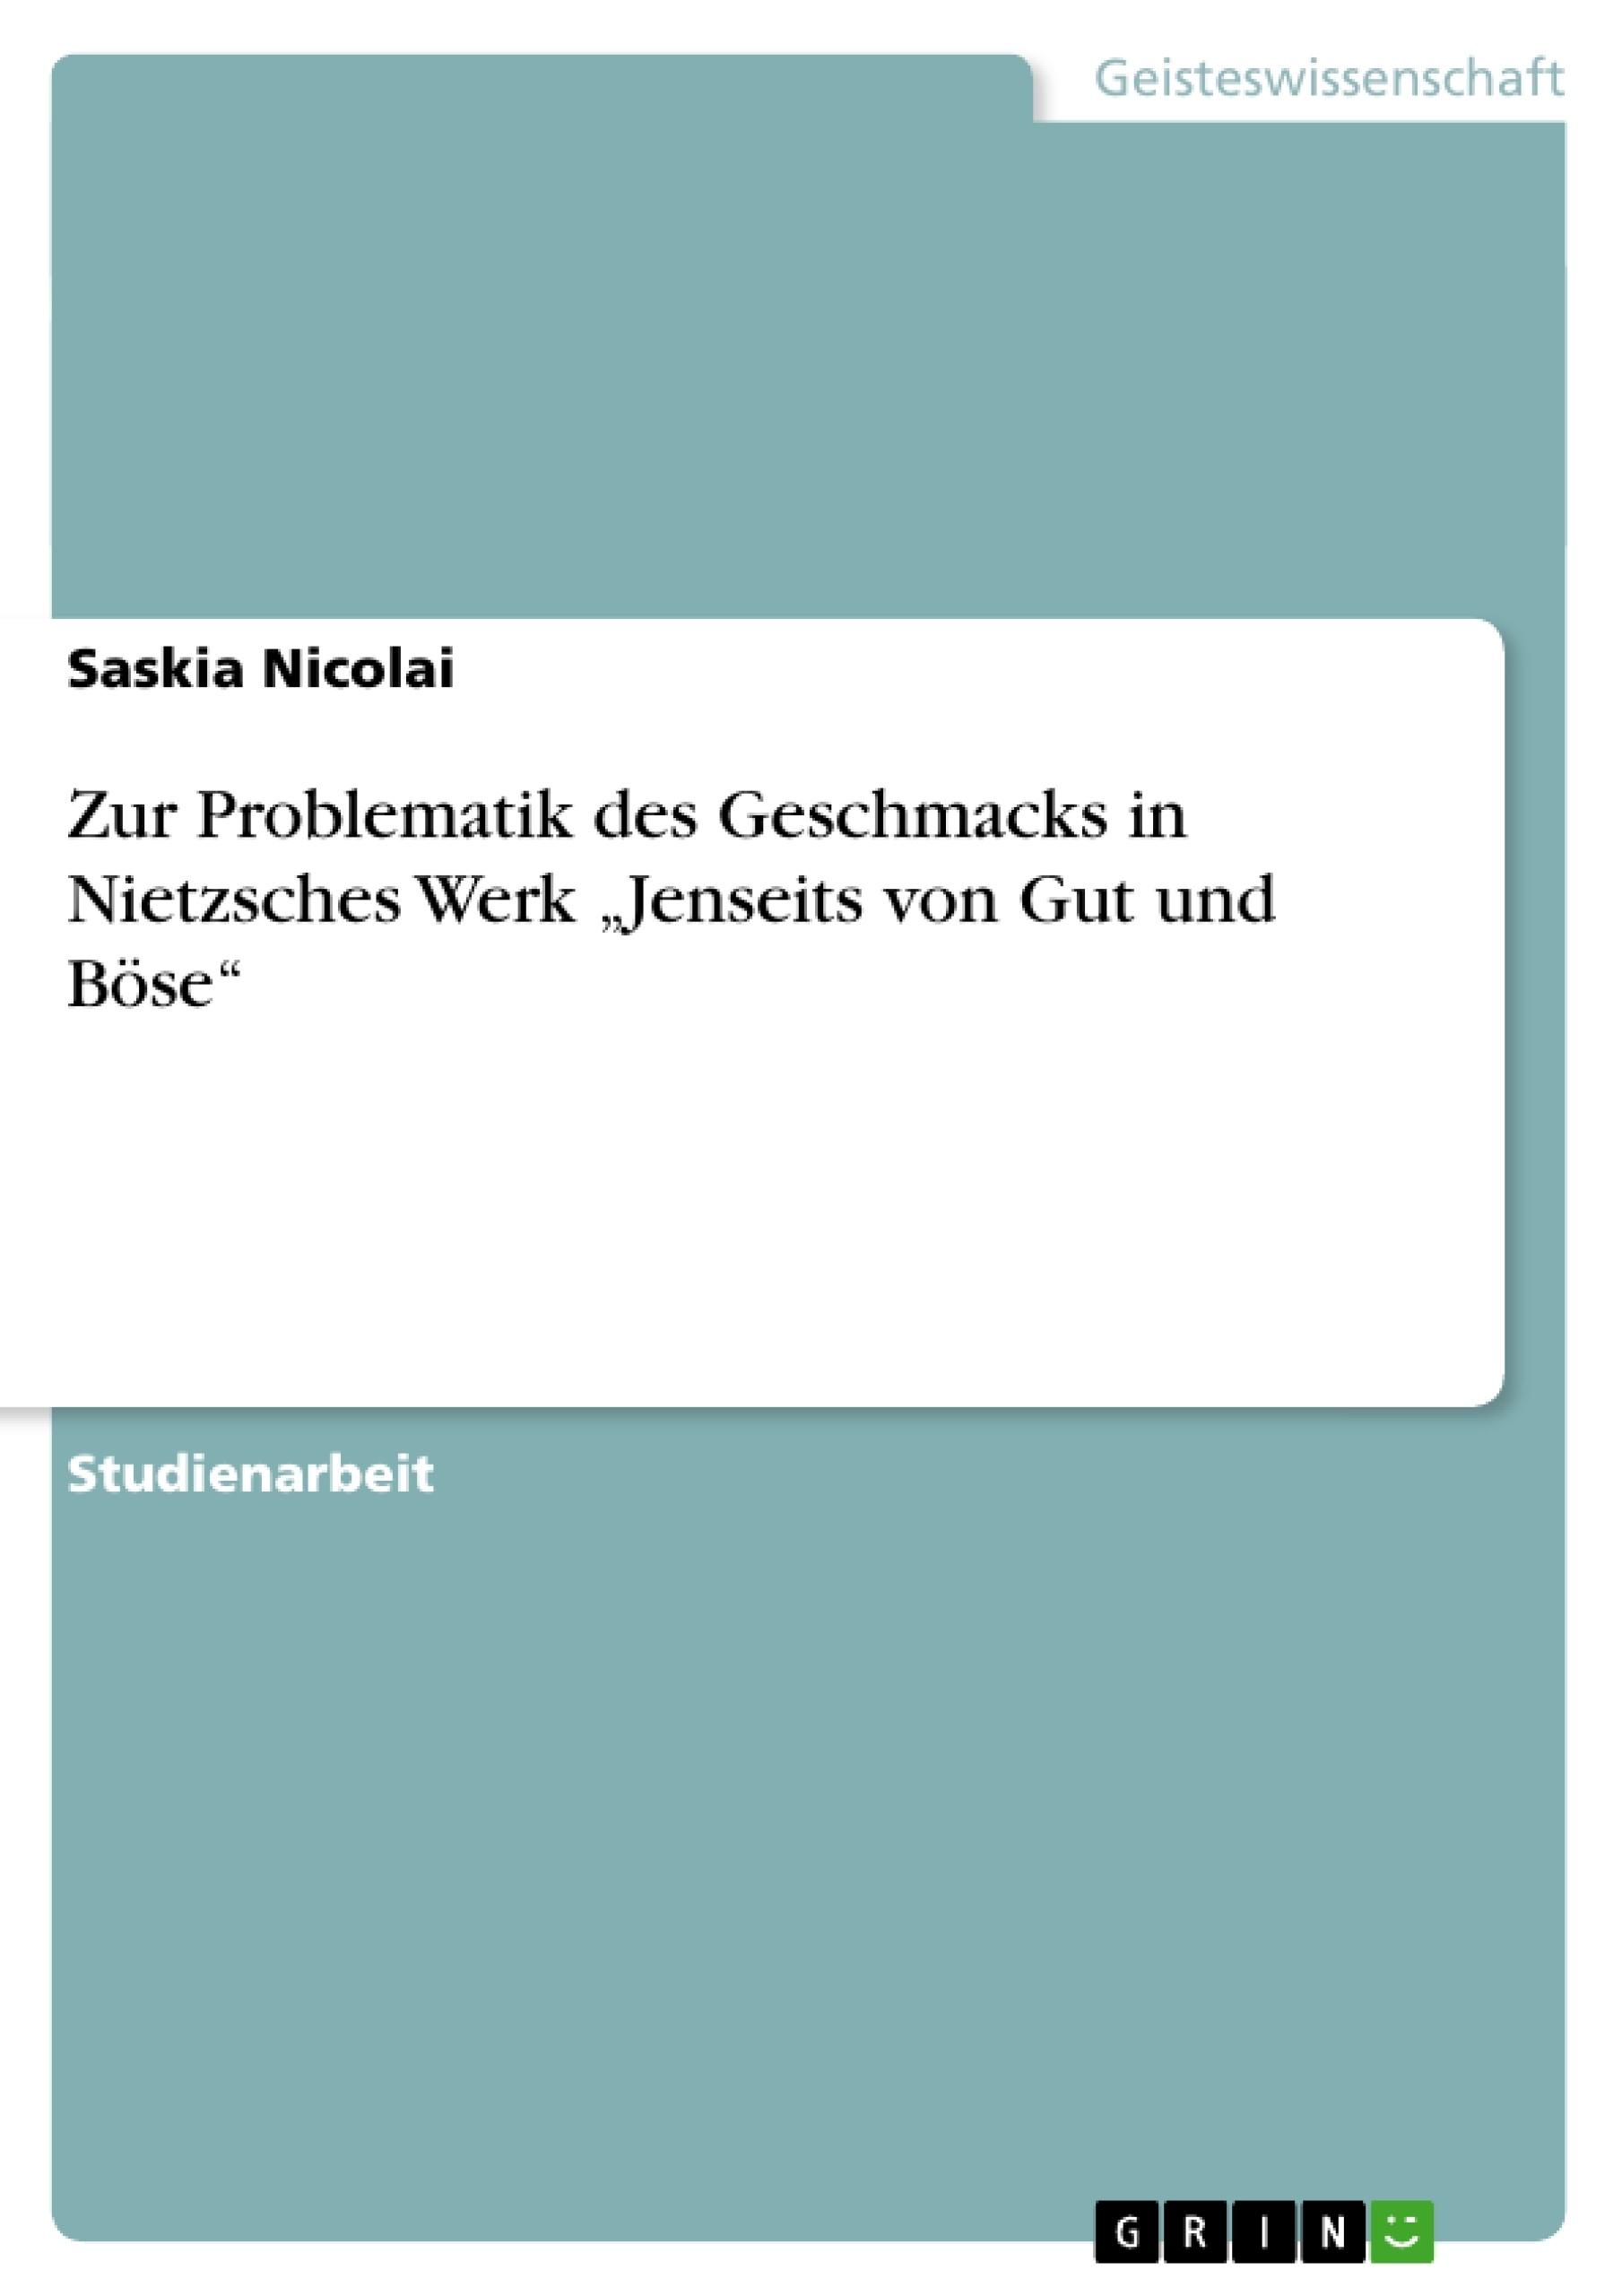 """Titel: Zur Problematik des Geschmacks in Nietzsches Werk """"Jenseits von Gut und Böse"""""""